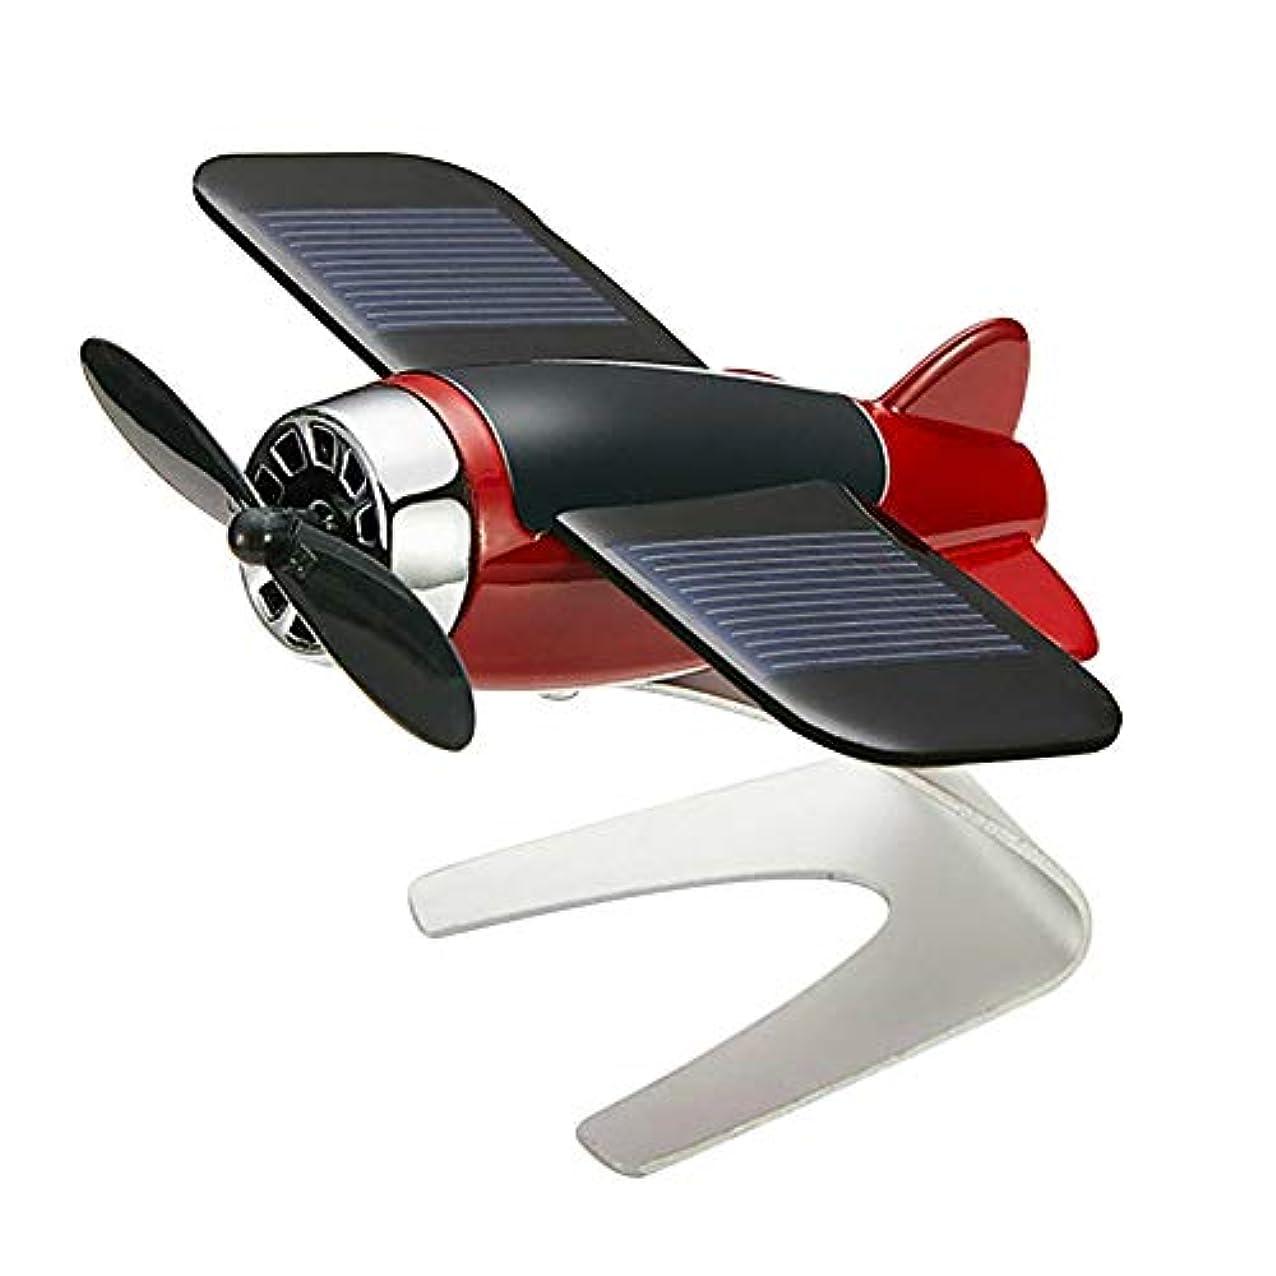 クリックネット反対するSymboat 車の芳香剤飛行機航空機モデル太陽エネルギーアロマテラピー室内装飾